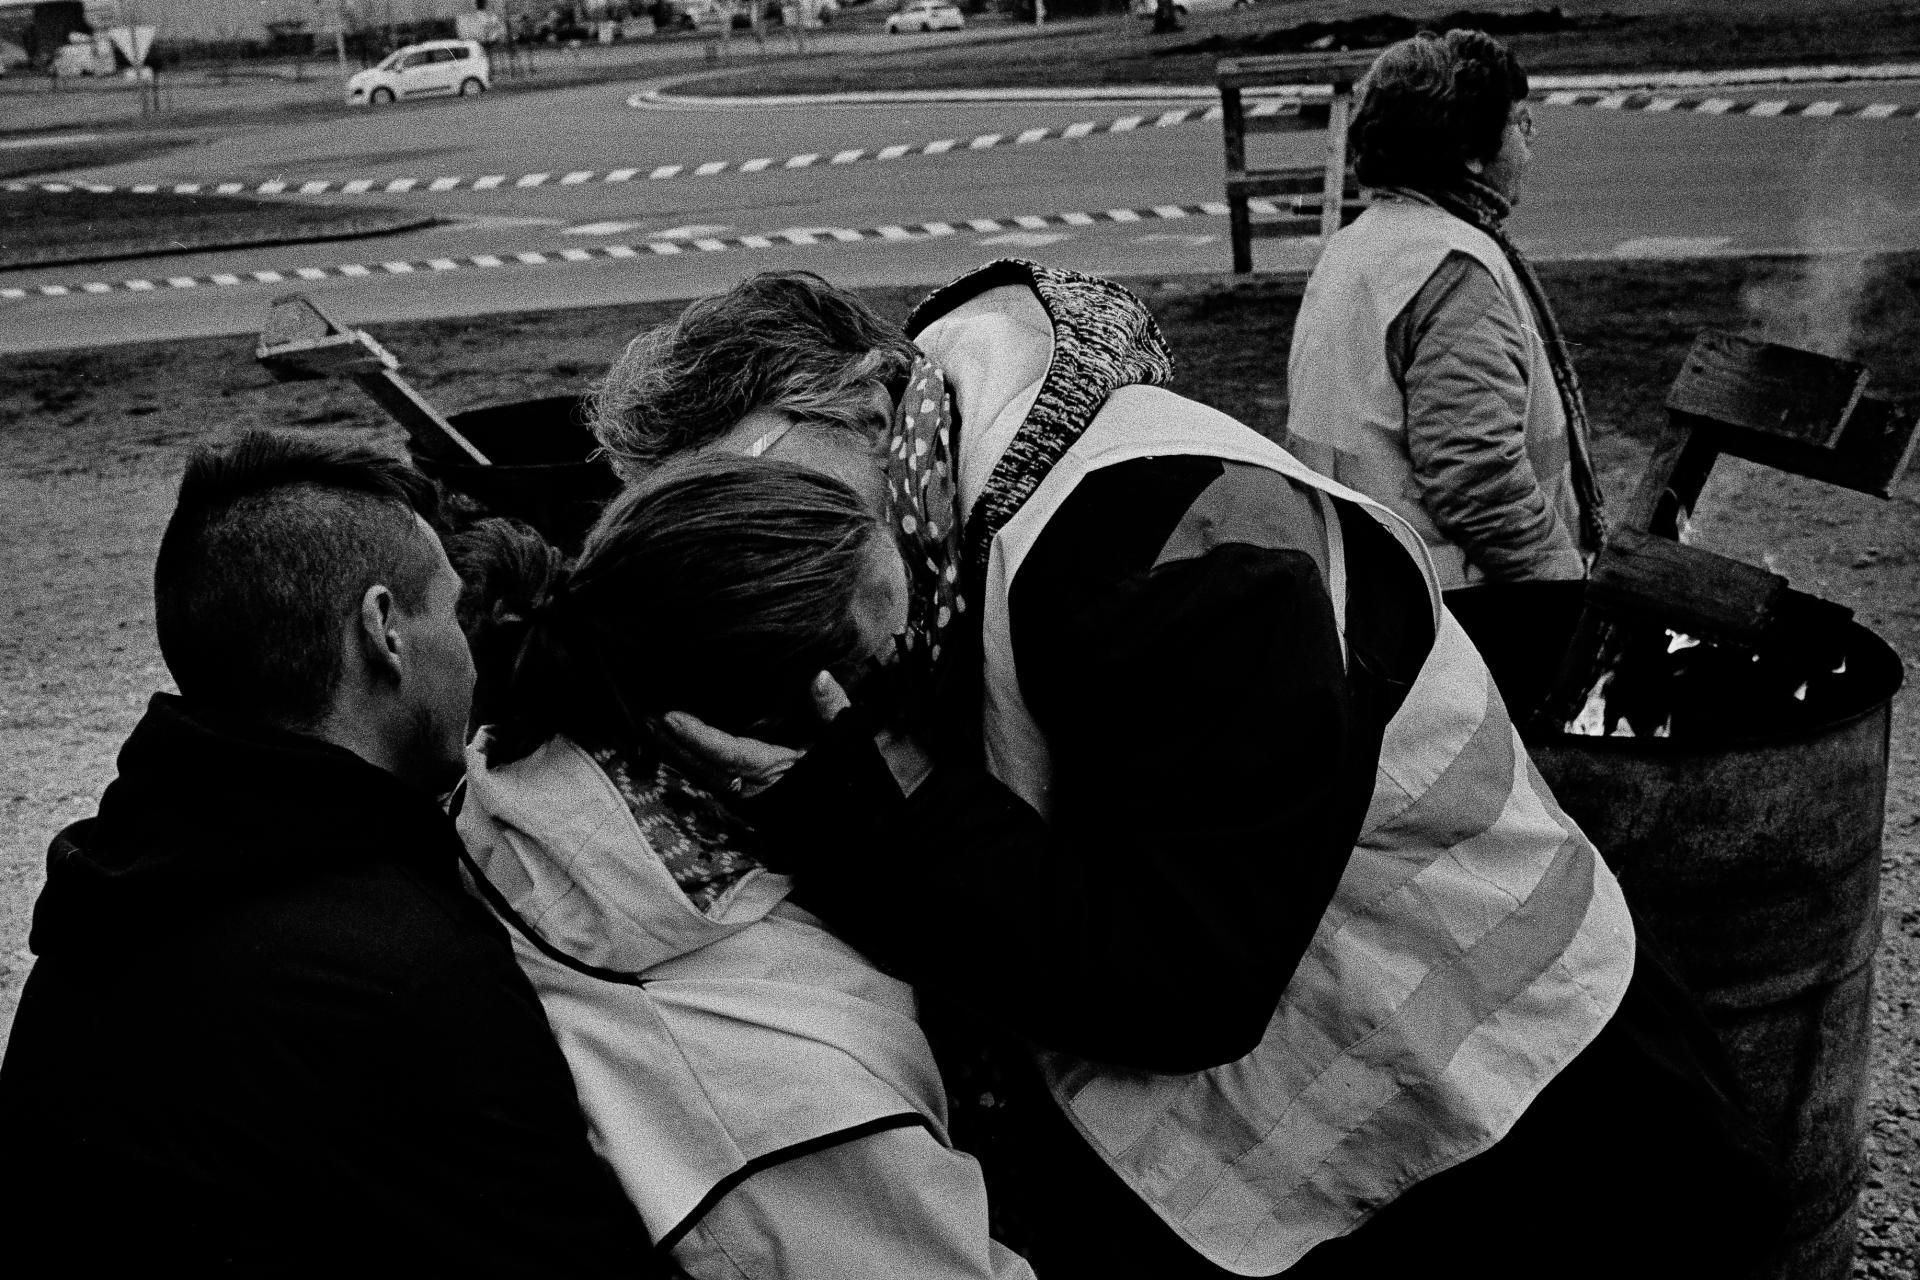 Rond-point de la grande surface Leclerc, lundi 10 décembre. Une mère «gilet jaune» embrasse sa fille qui participe aussi au mouvement.